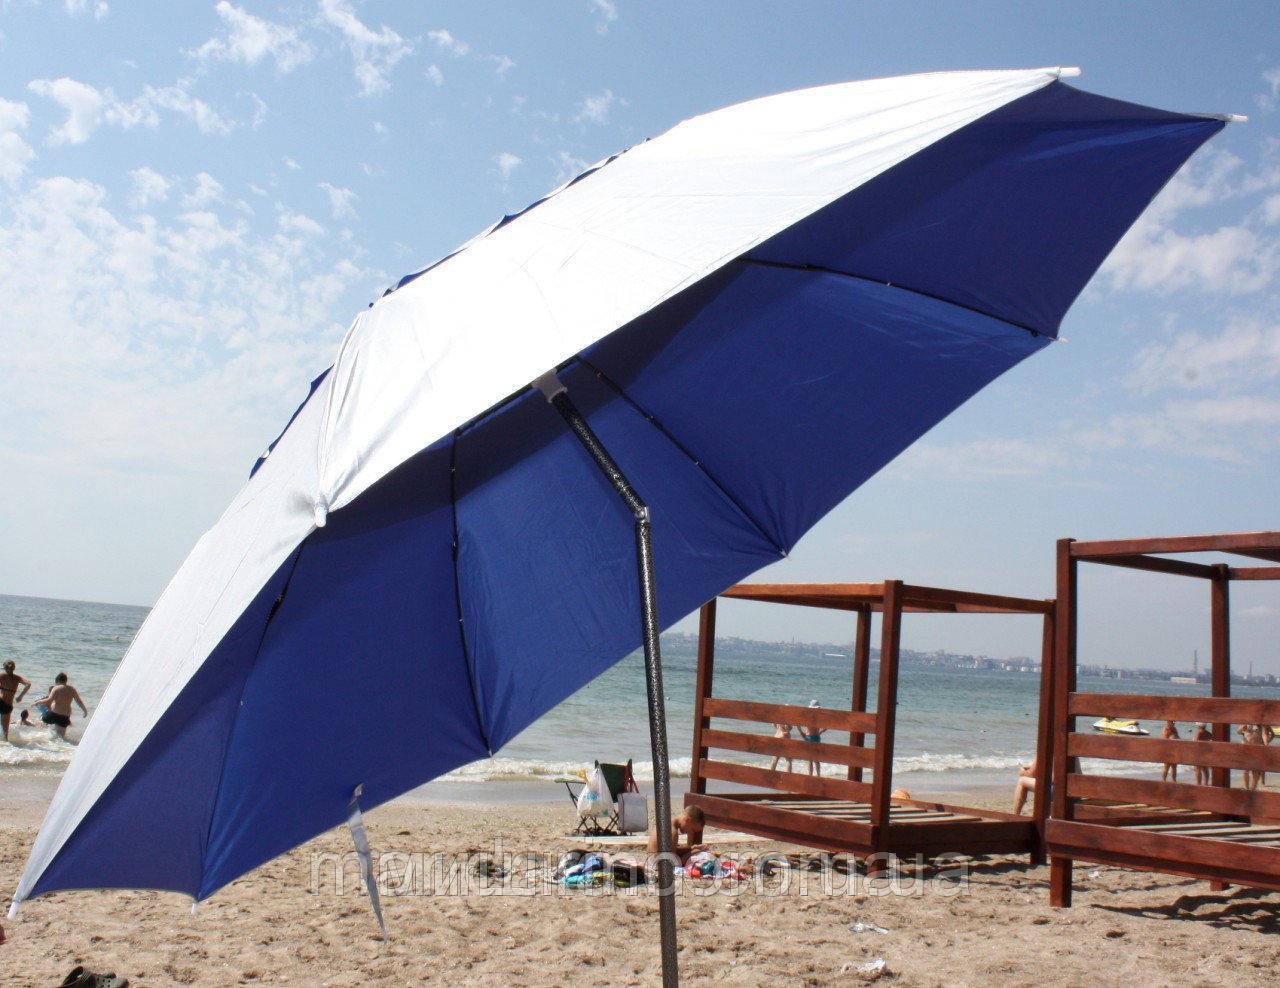 Пляжний зонт компактний, складаний, 160см, блакитний і зелений колір - фото 2